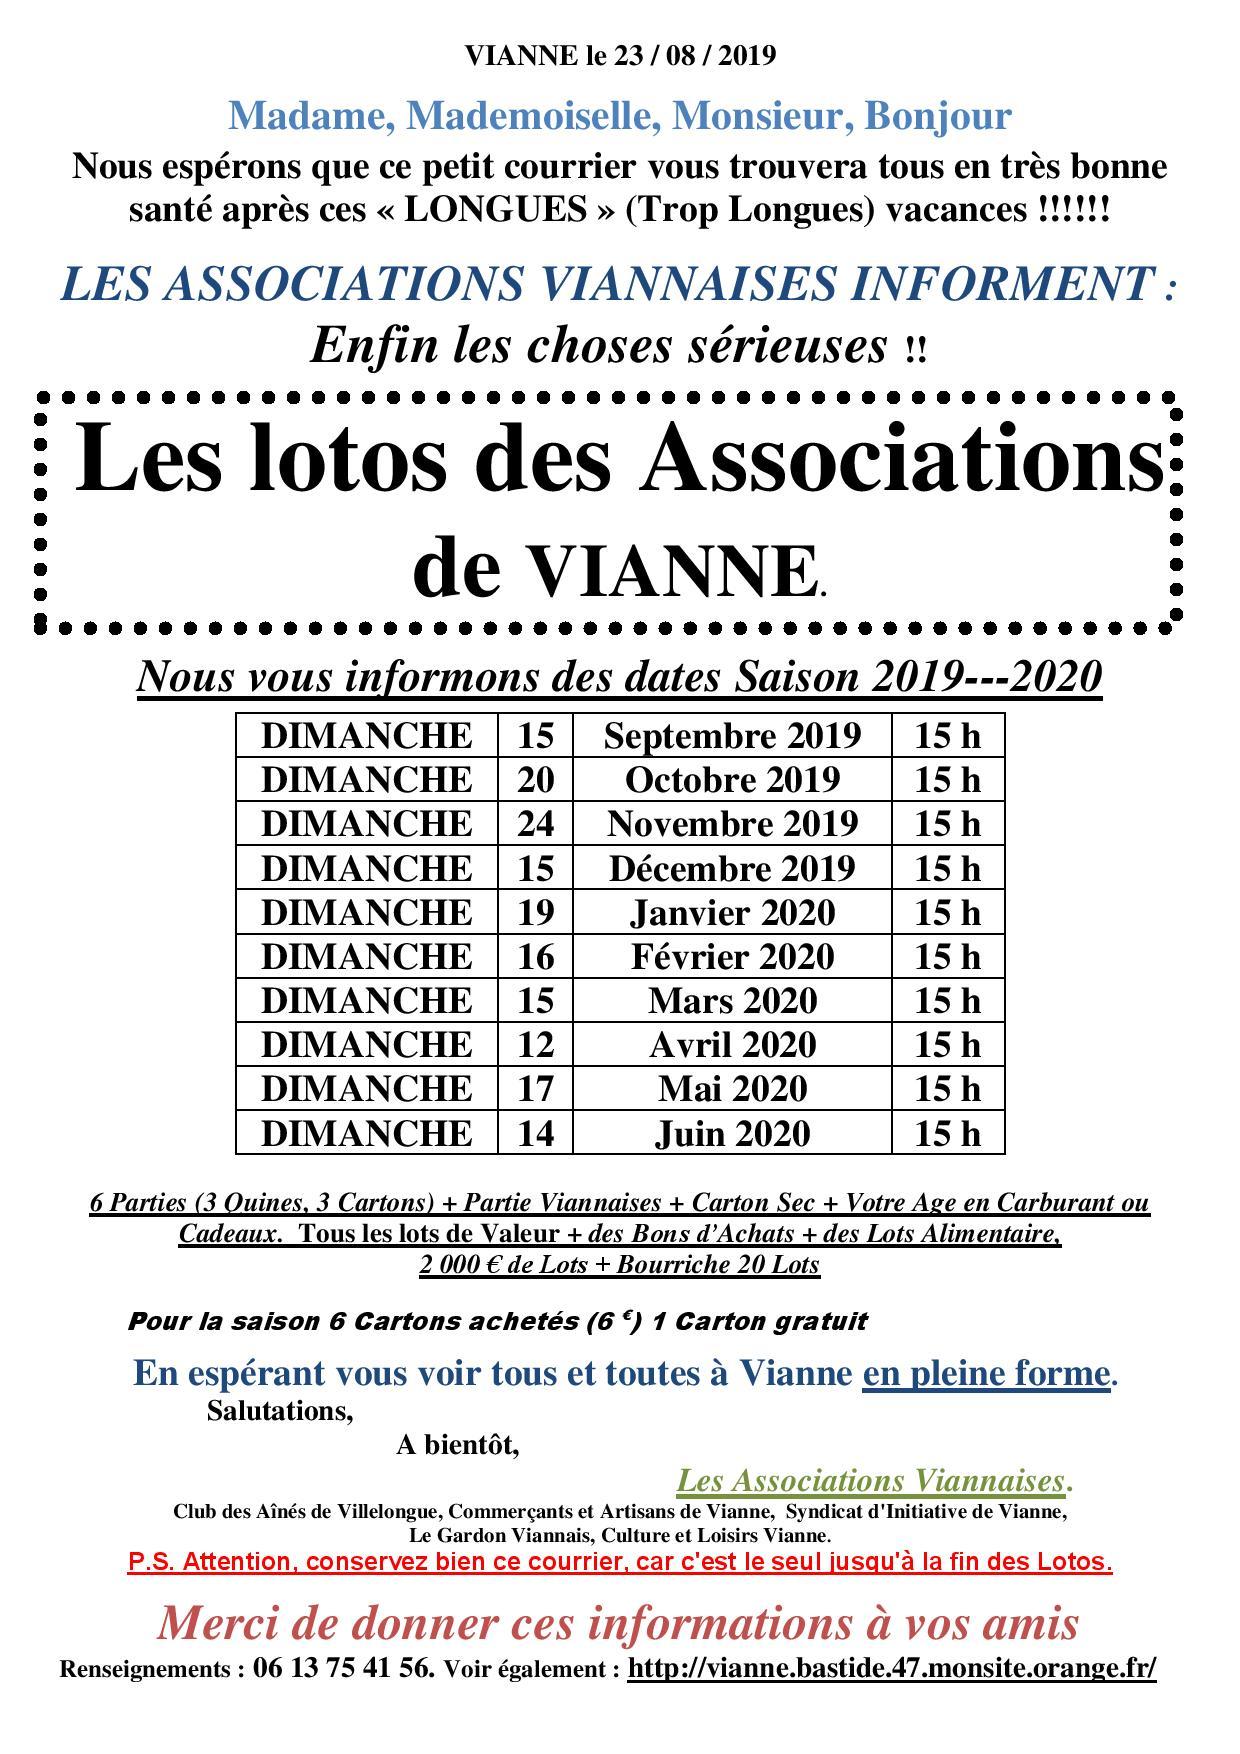 Culture Et Loisirs Vianne Pari47 Federation Des